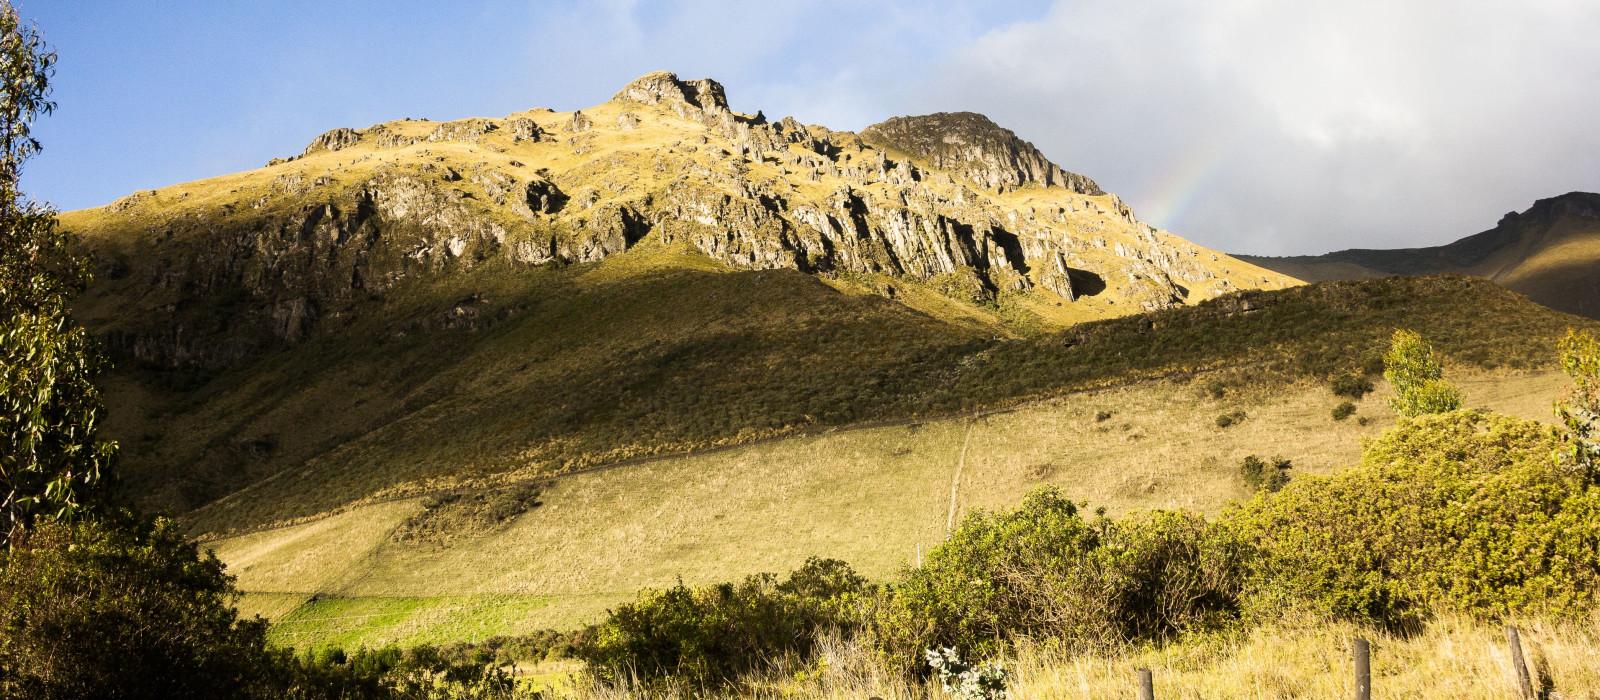 Reiseziel Papallacta Ecuador/Galapagos